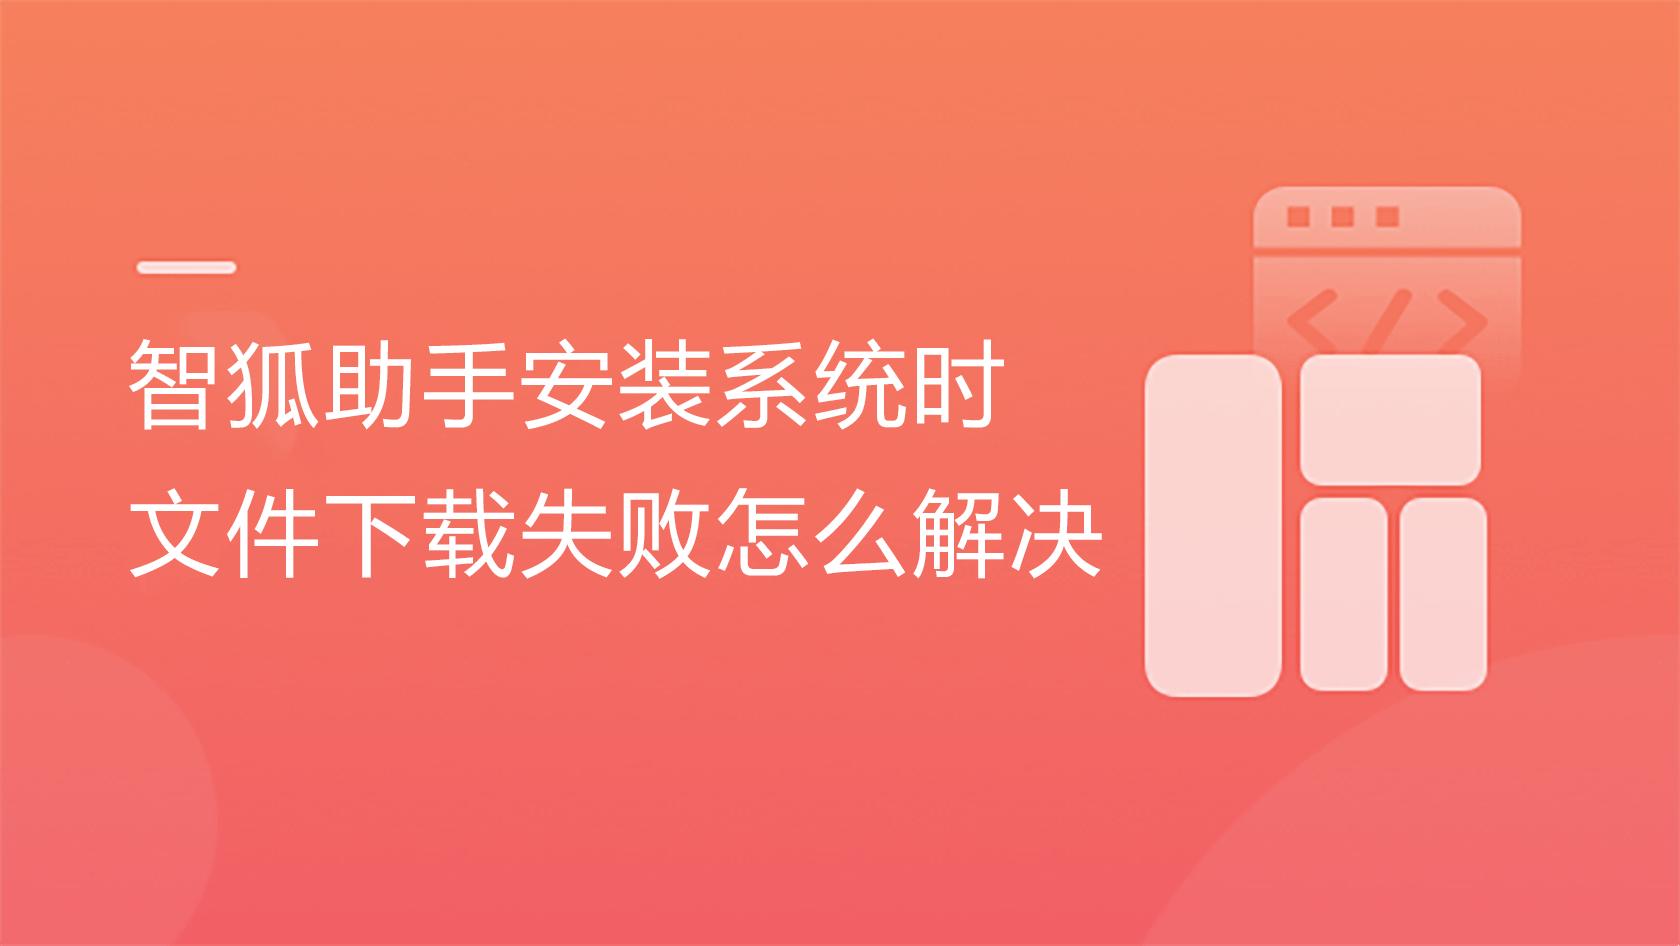 智狐一键重装系统安装系统时,文件下载失败怎么解决?